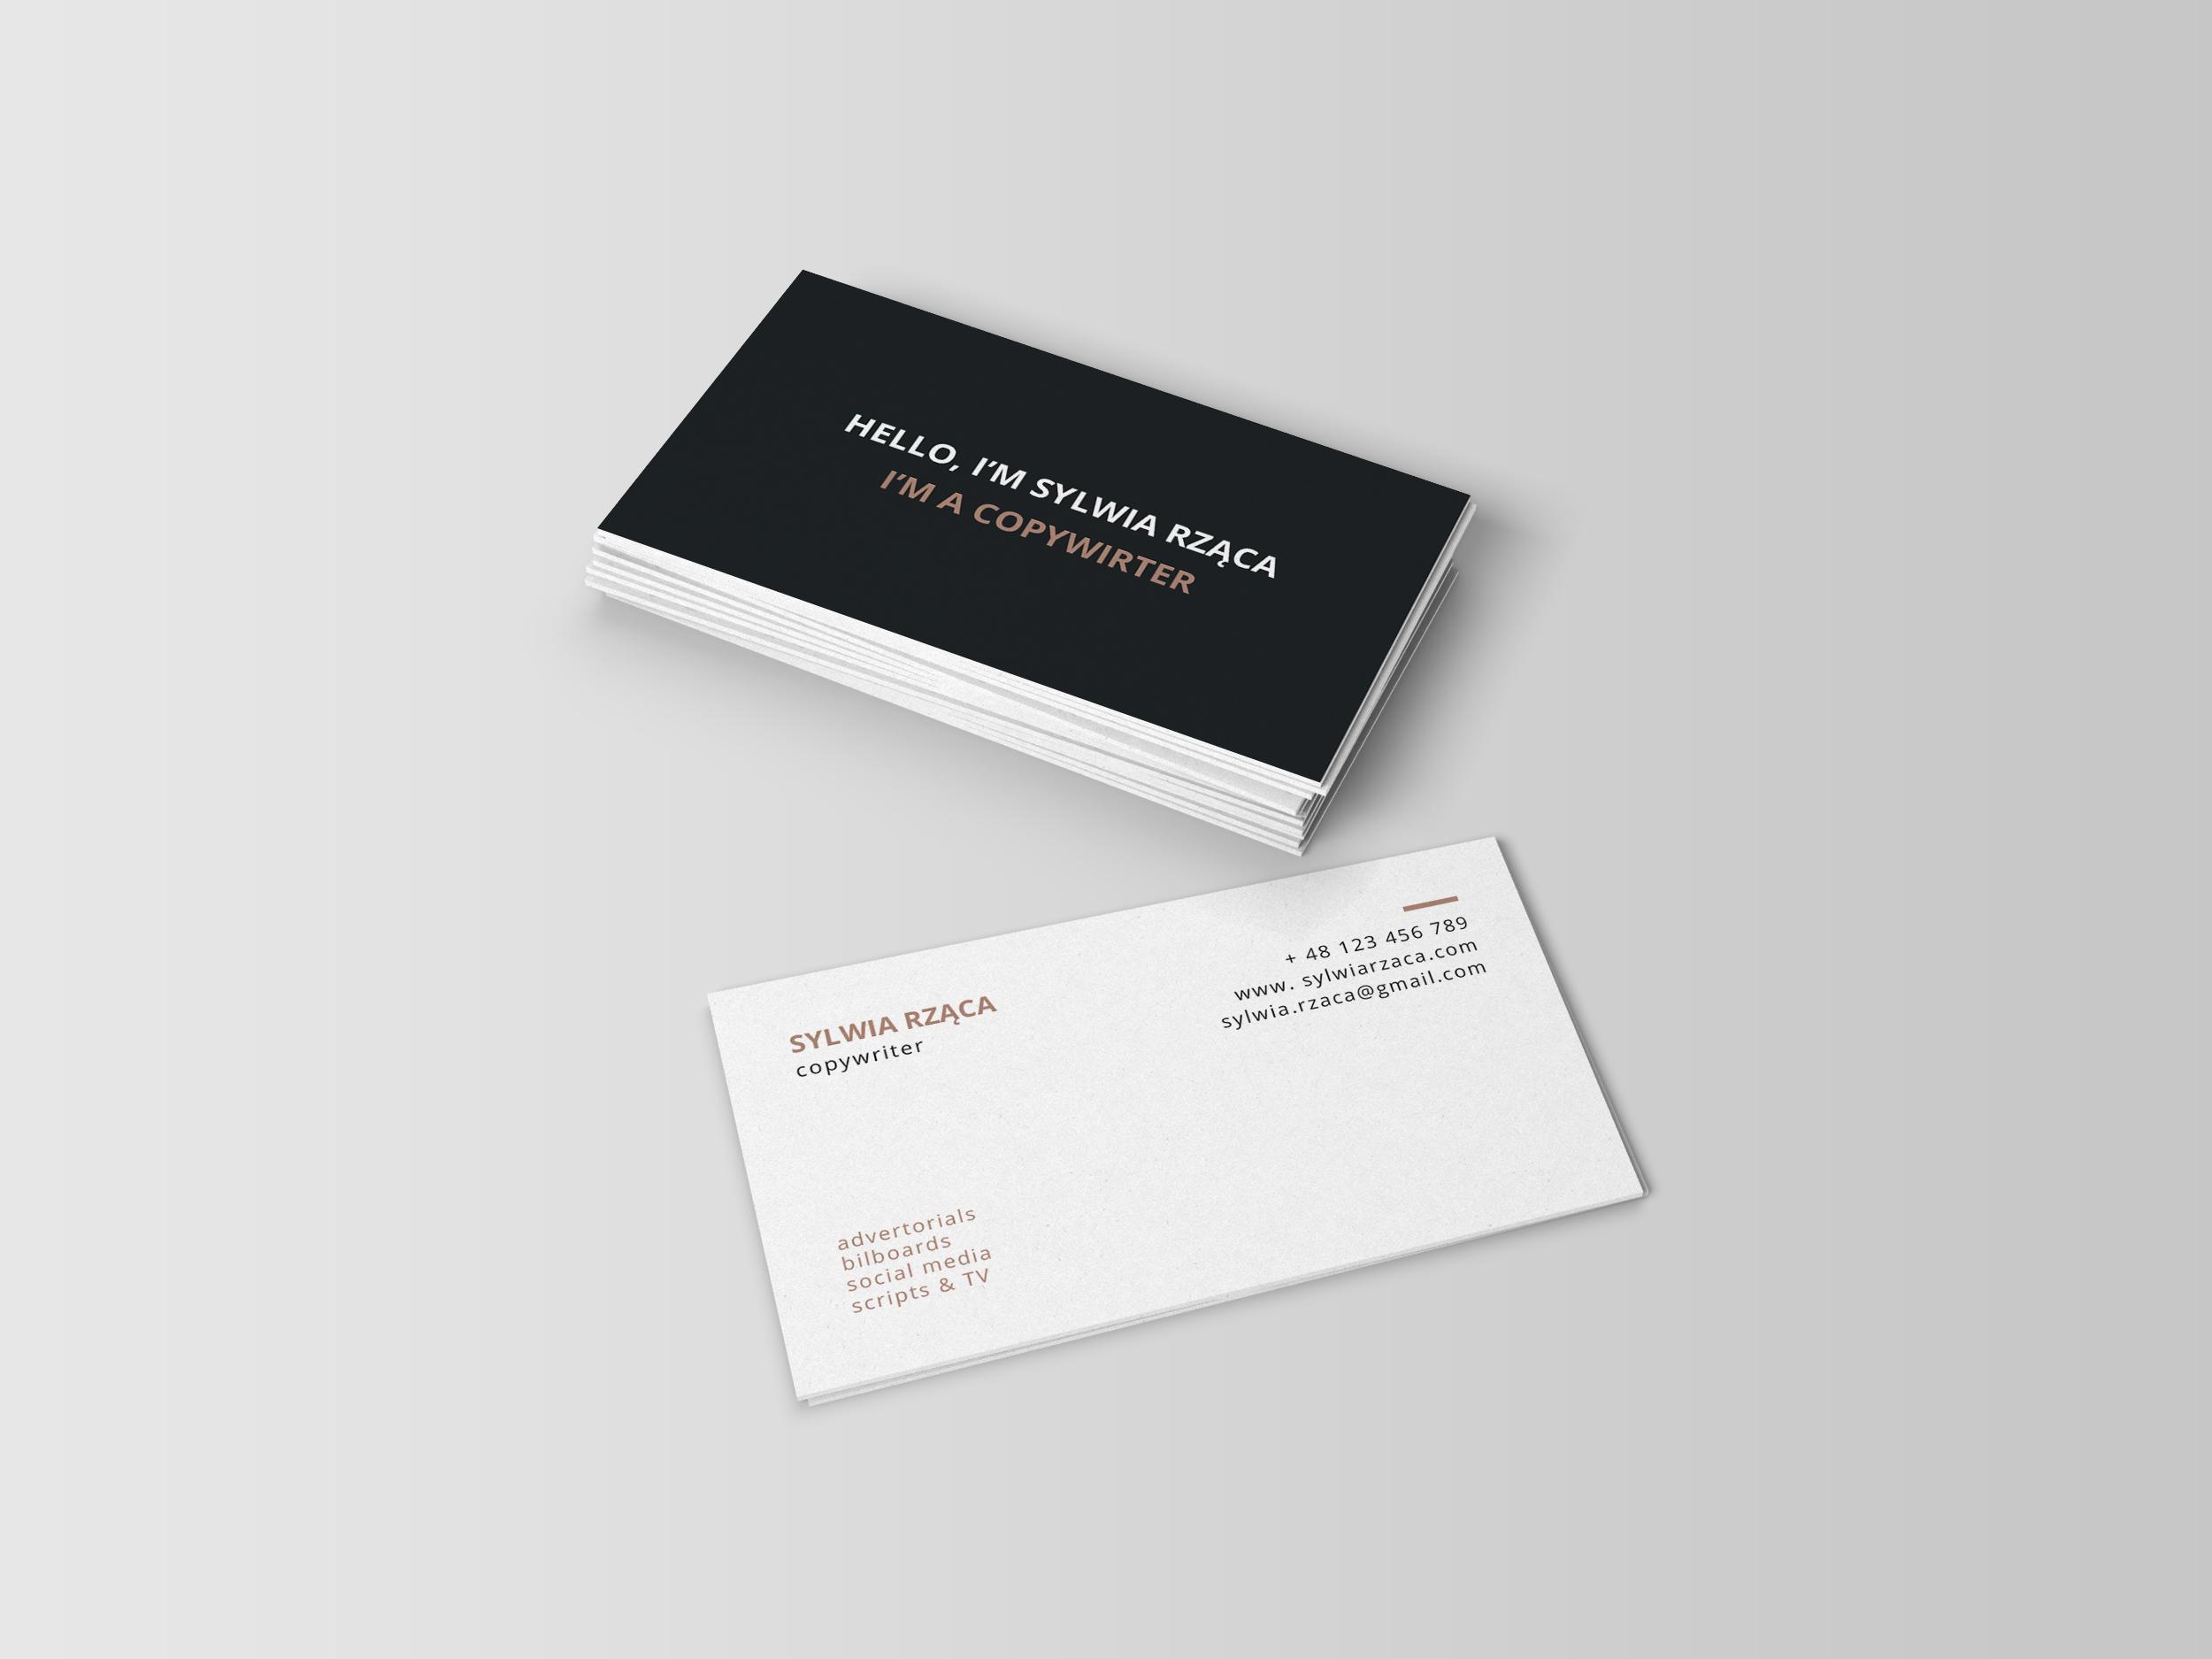 anna kleszczewska - Copywriter\'s bussines card